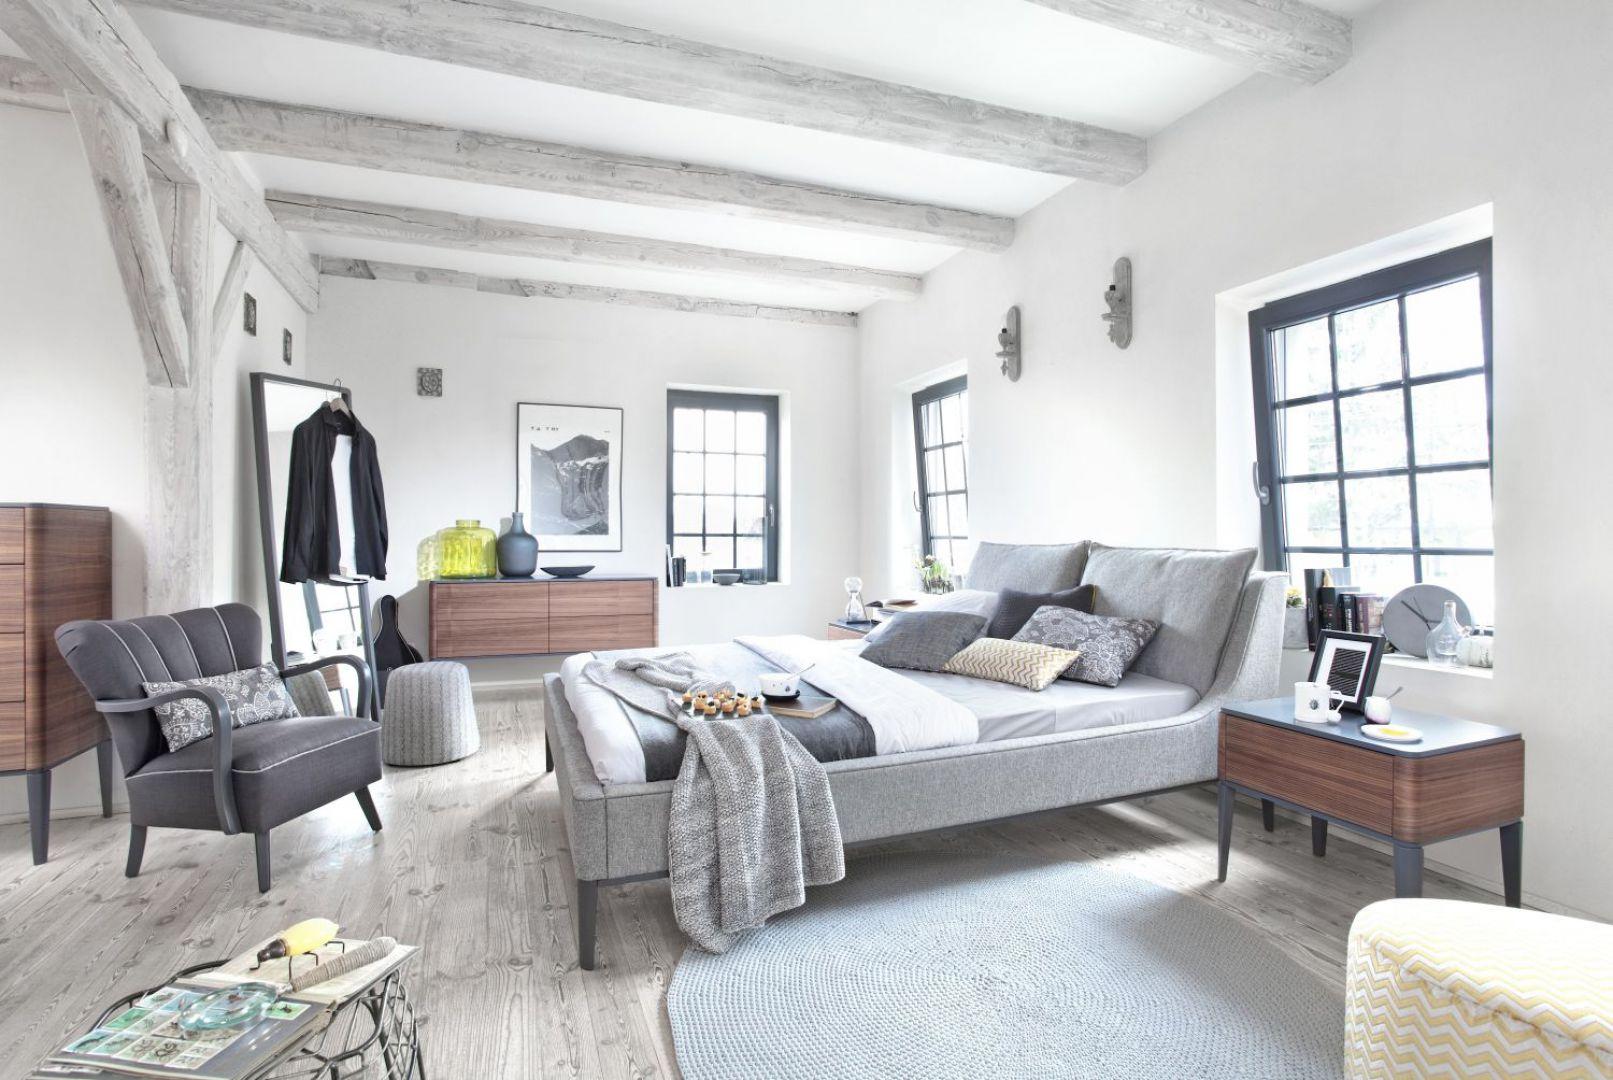 Tapicerowane łóżko Essence z charakterystycznymi zaokrąglonymi krawędziami. Fot. Swarzędz Home